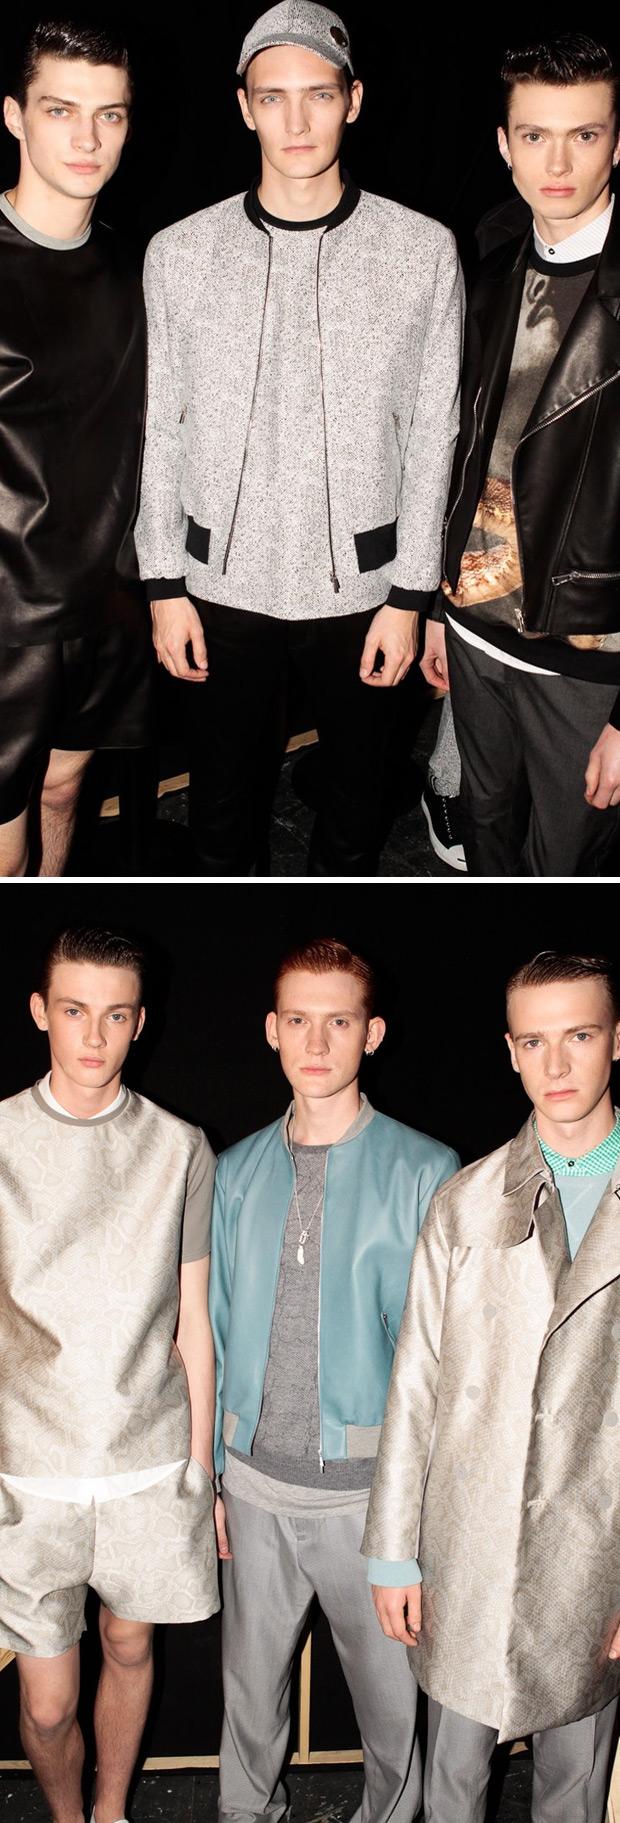 jackets 8